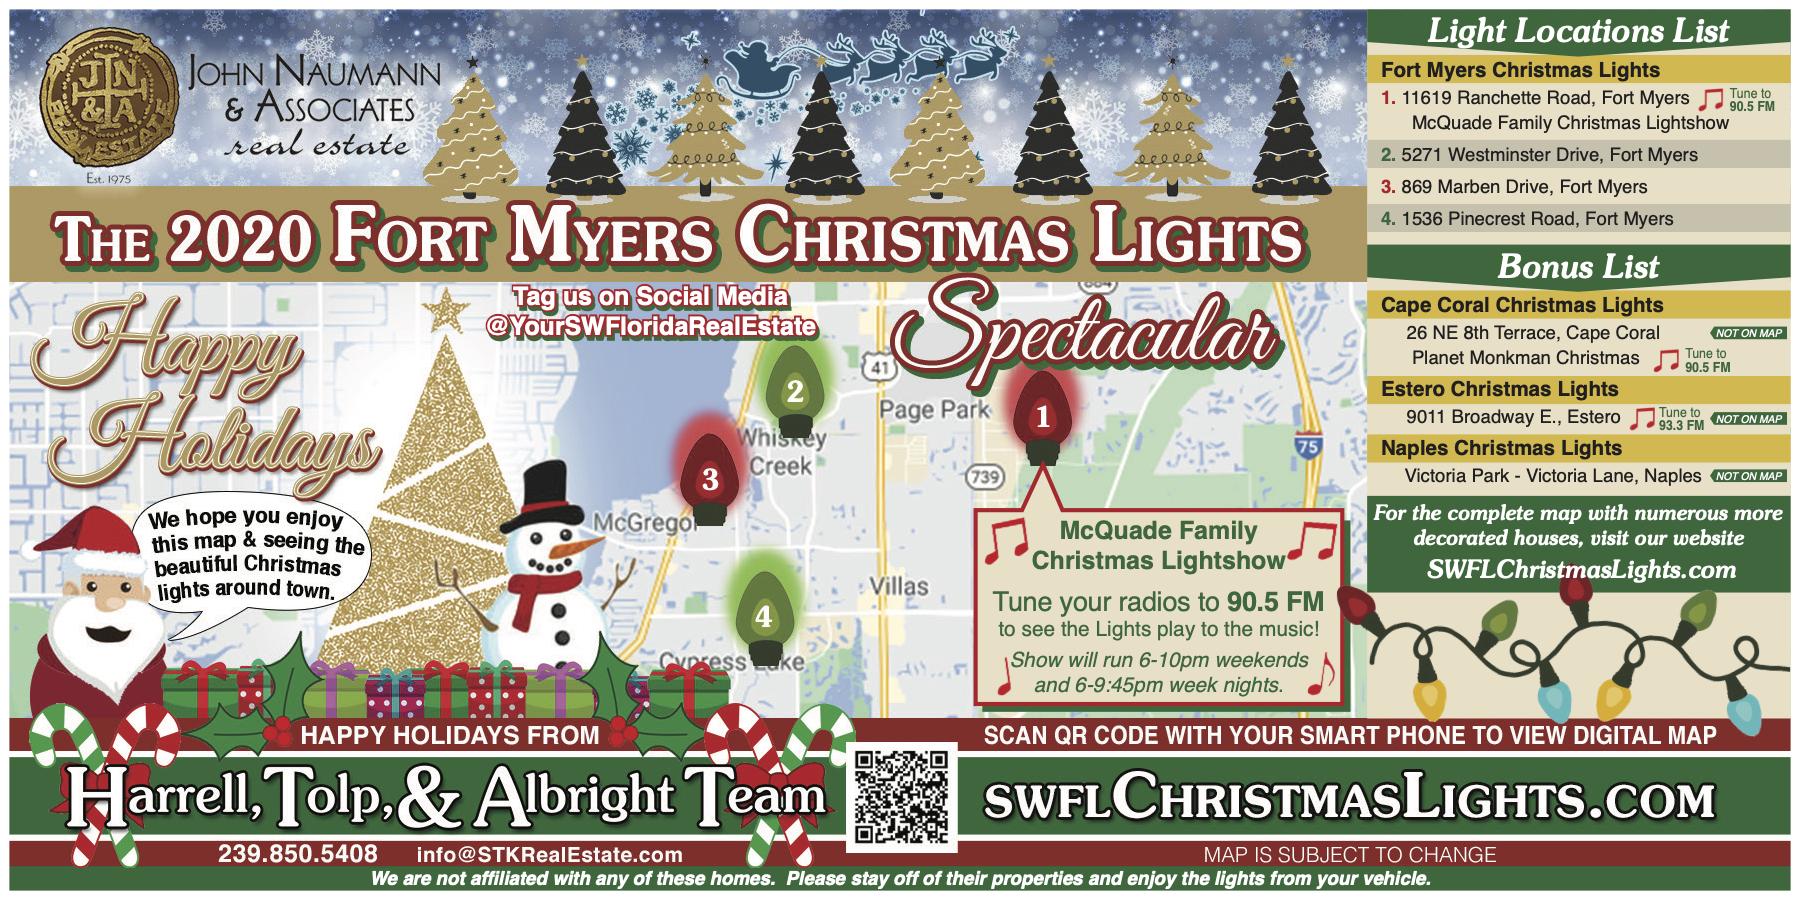 Fort Myers Christmas Lights